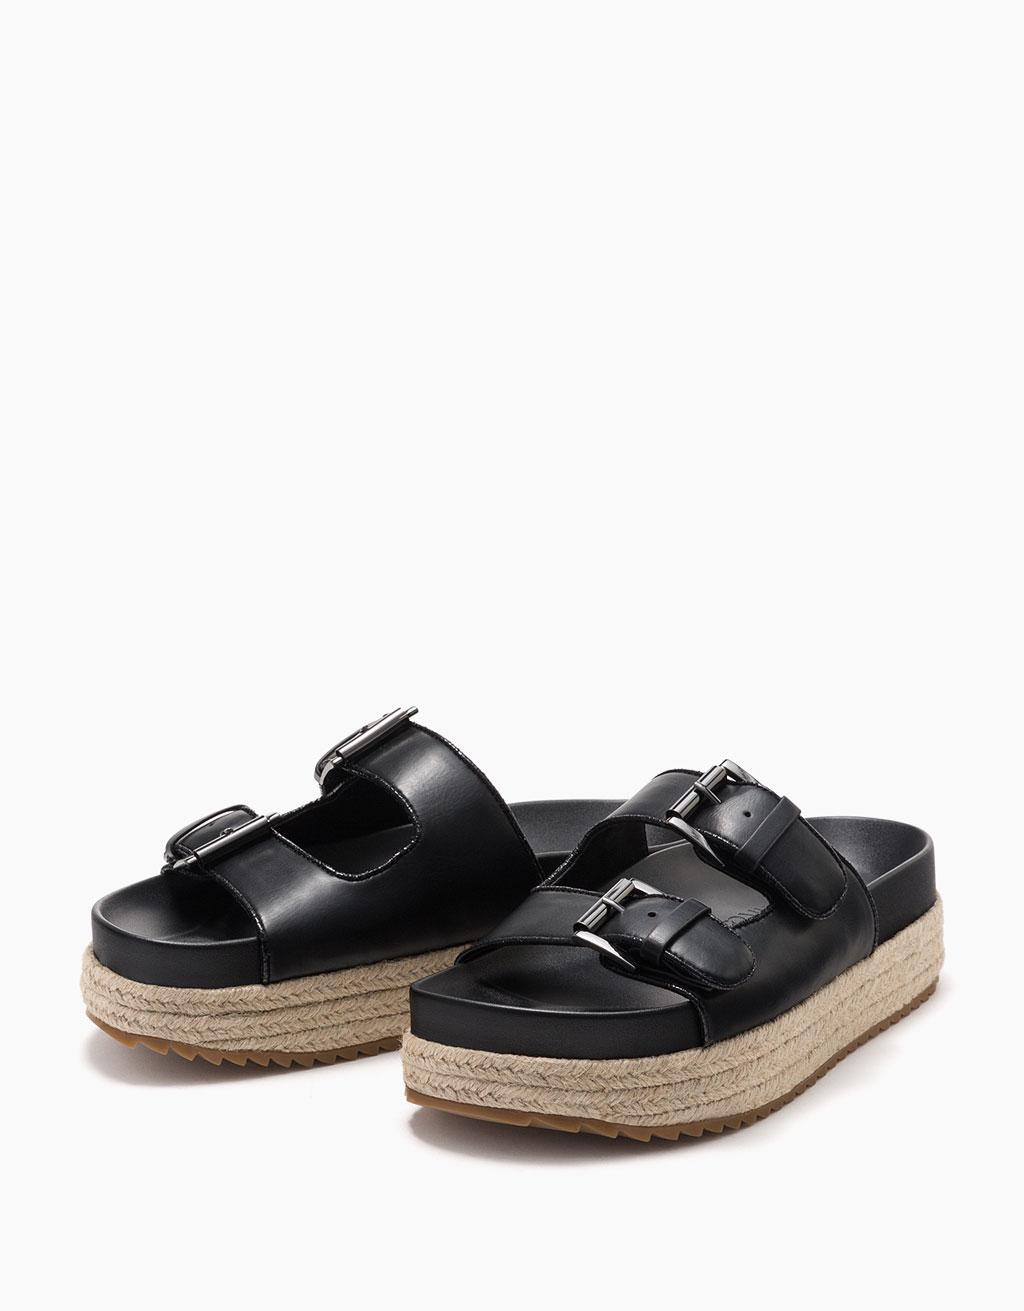 Jute bio platform sandals